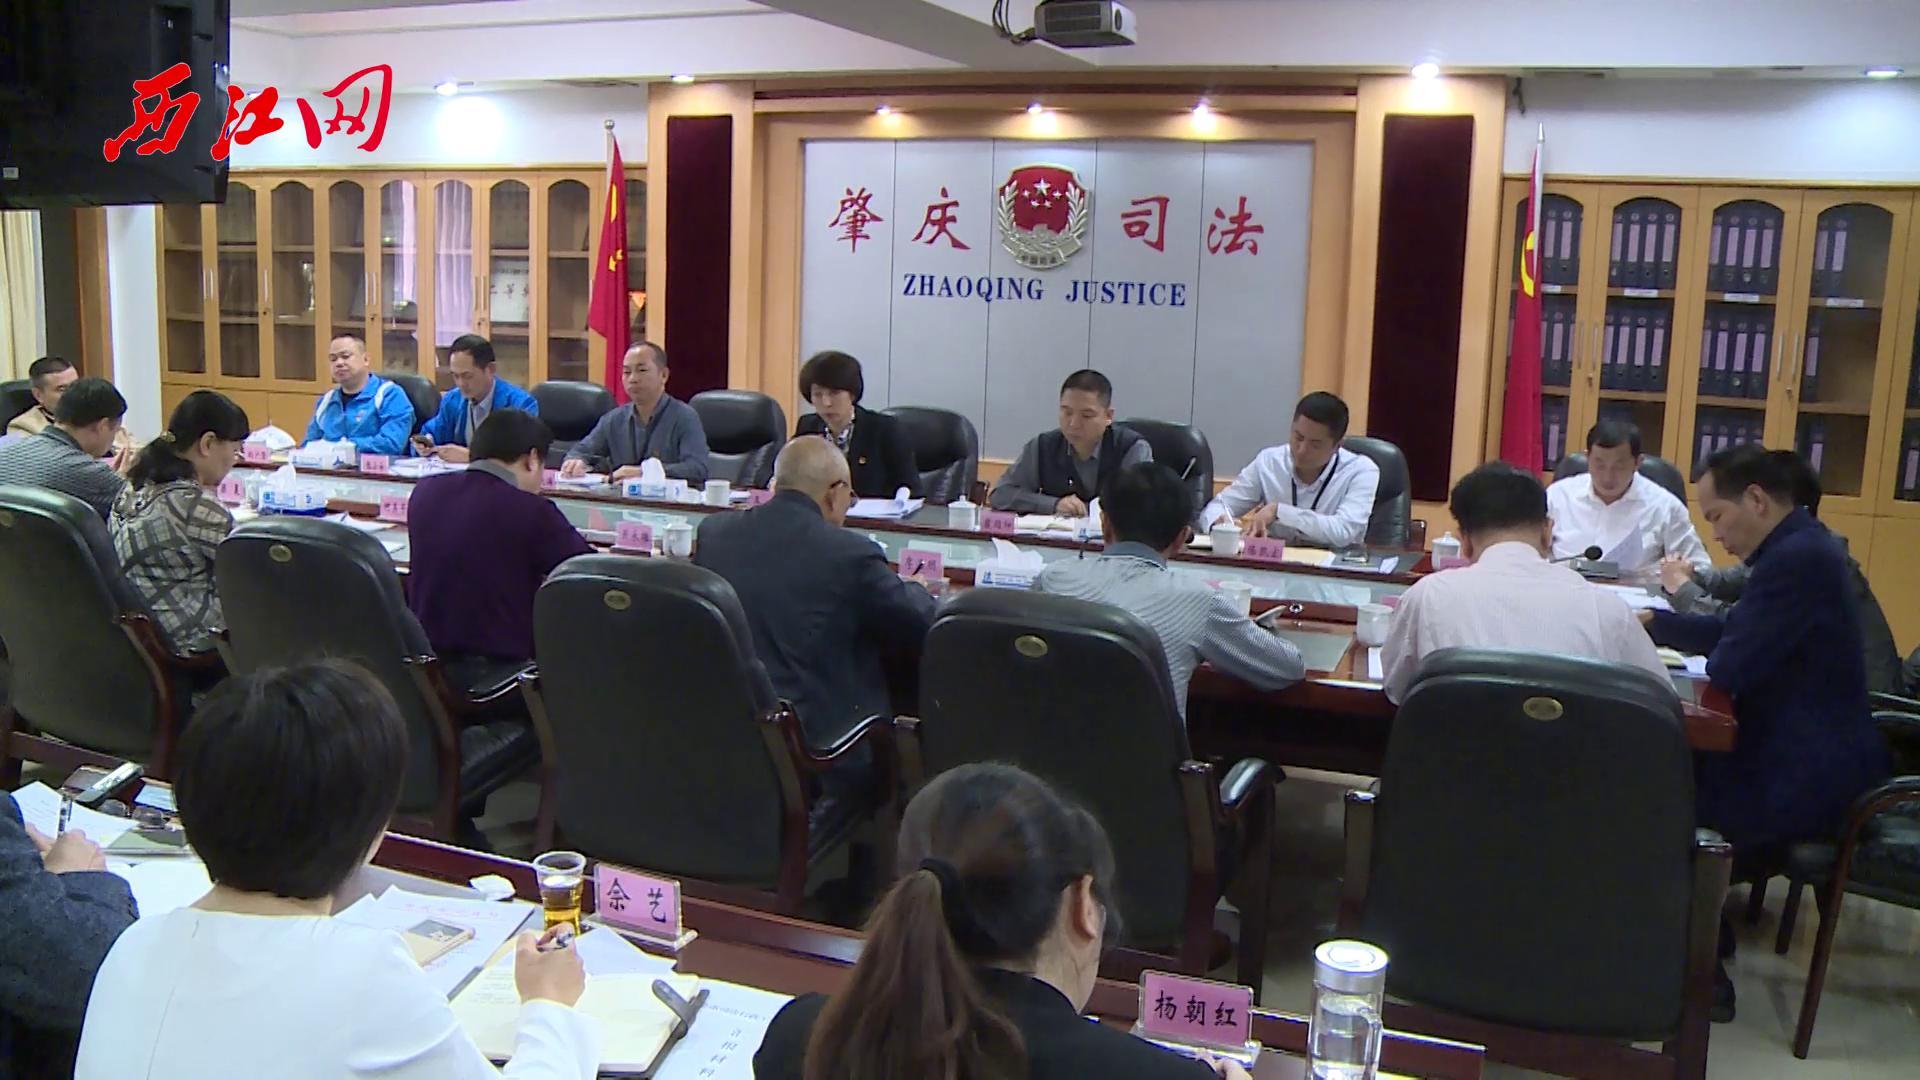 肇庆市司法局召开全市司法行政工作推进会